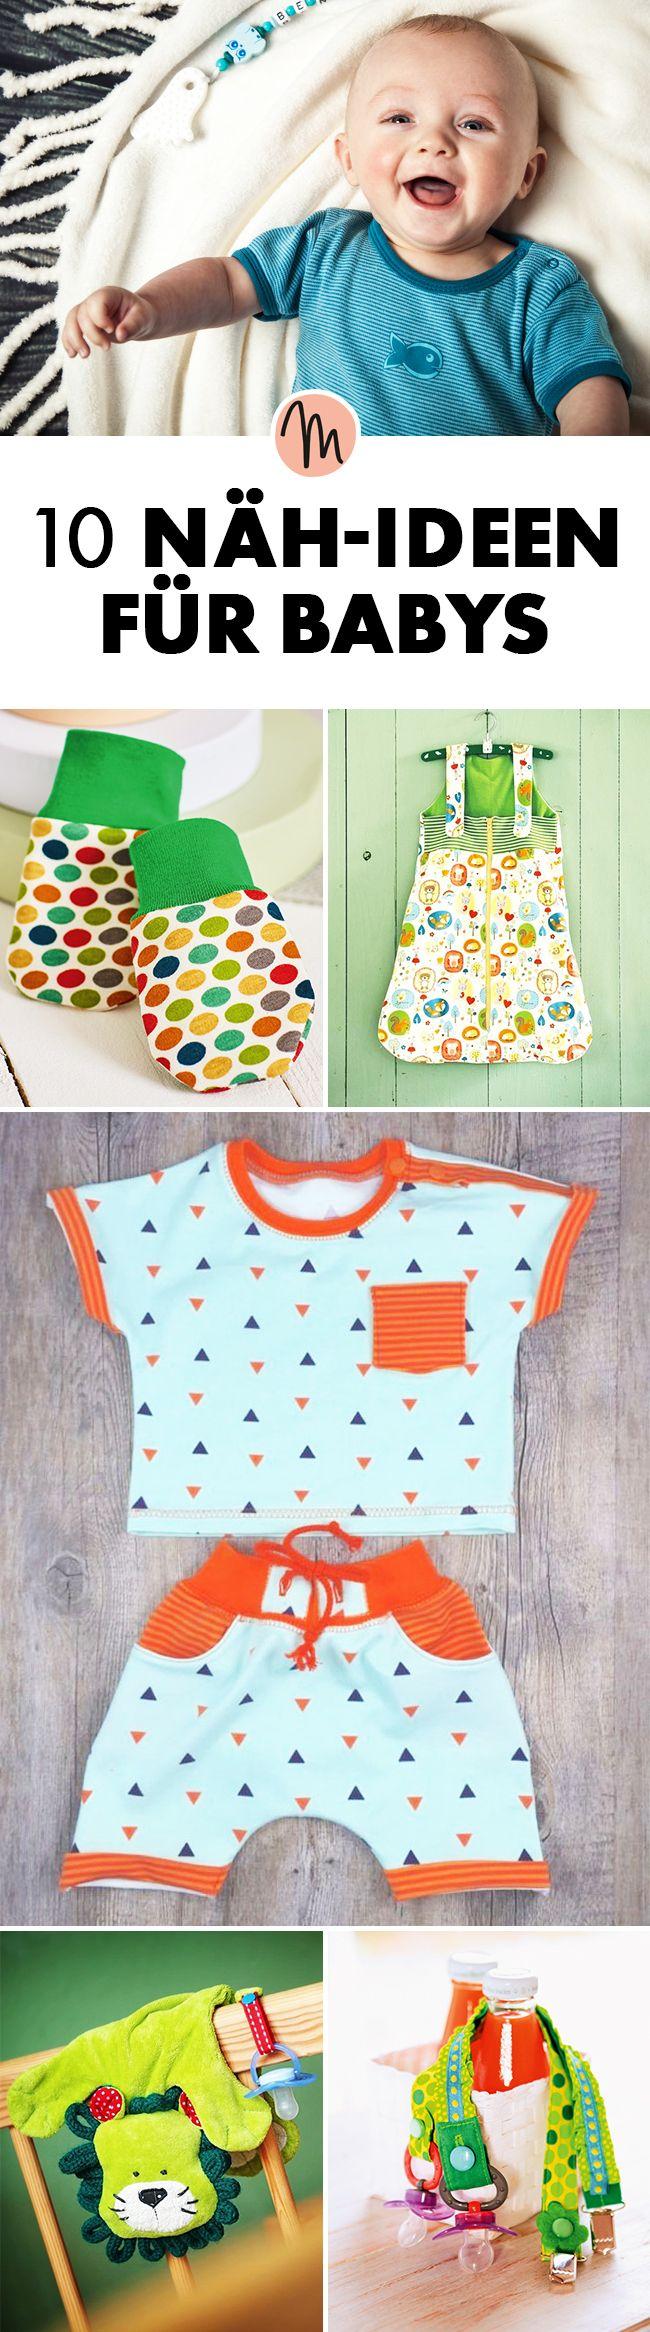 10 Näh-Ideen für Babys - Nähanleitungen und Material via Makerist.de #tutorielsdecouture